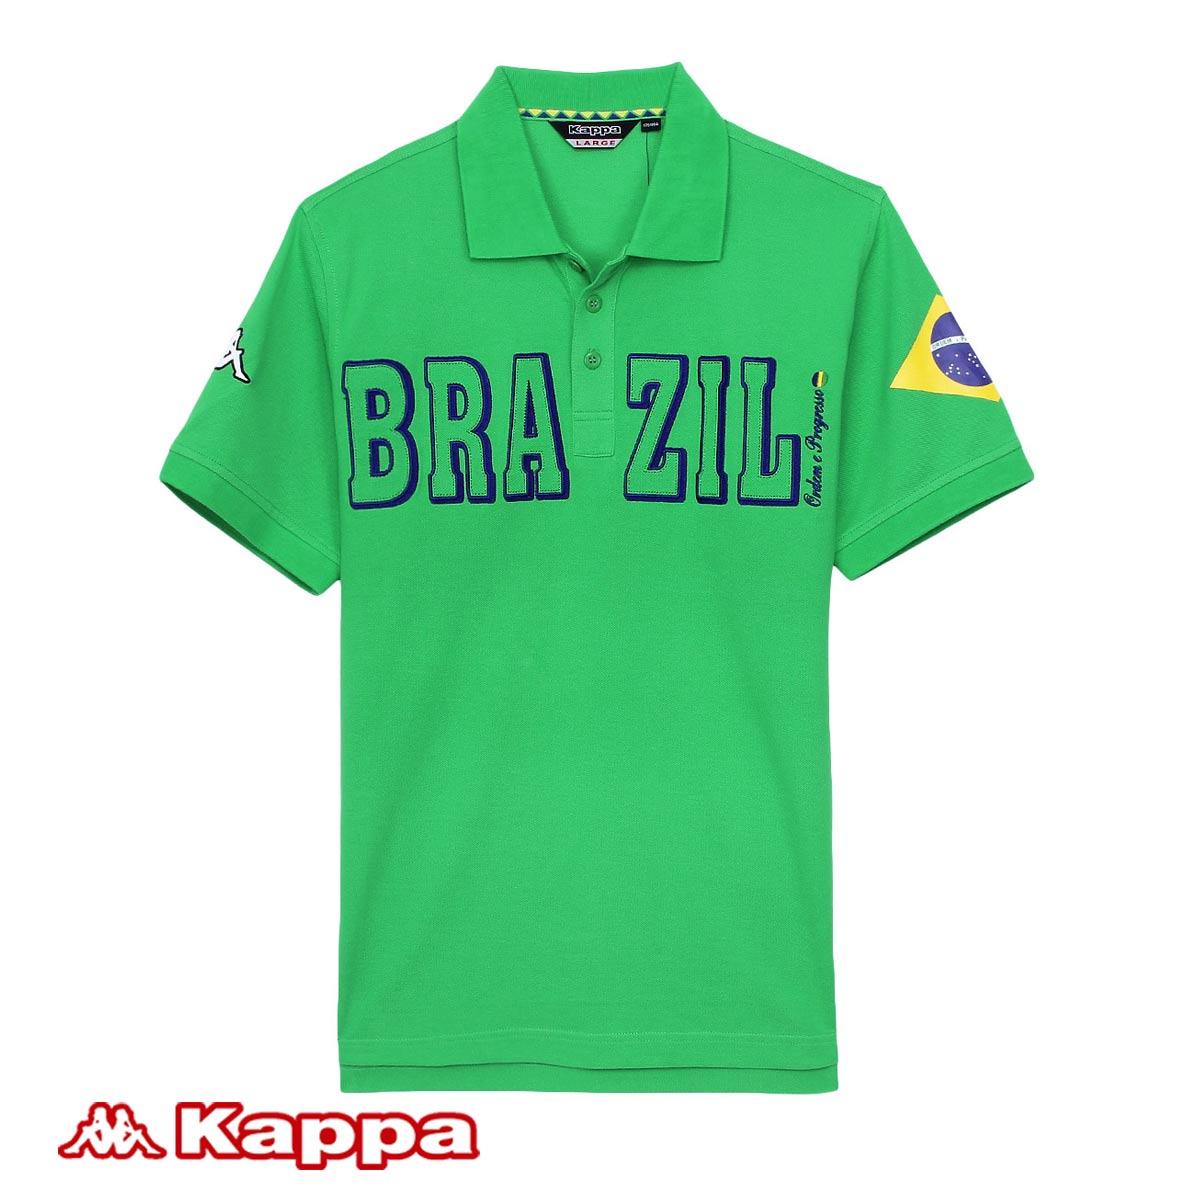 Рубашка поло KAPPA k2102pd411 POLO K2102PD41 Для мужчин Разное Стандартный Короткие рукава ( ≧35cm ) Надпись Для спорта и отдыха